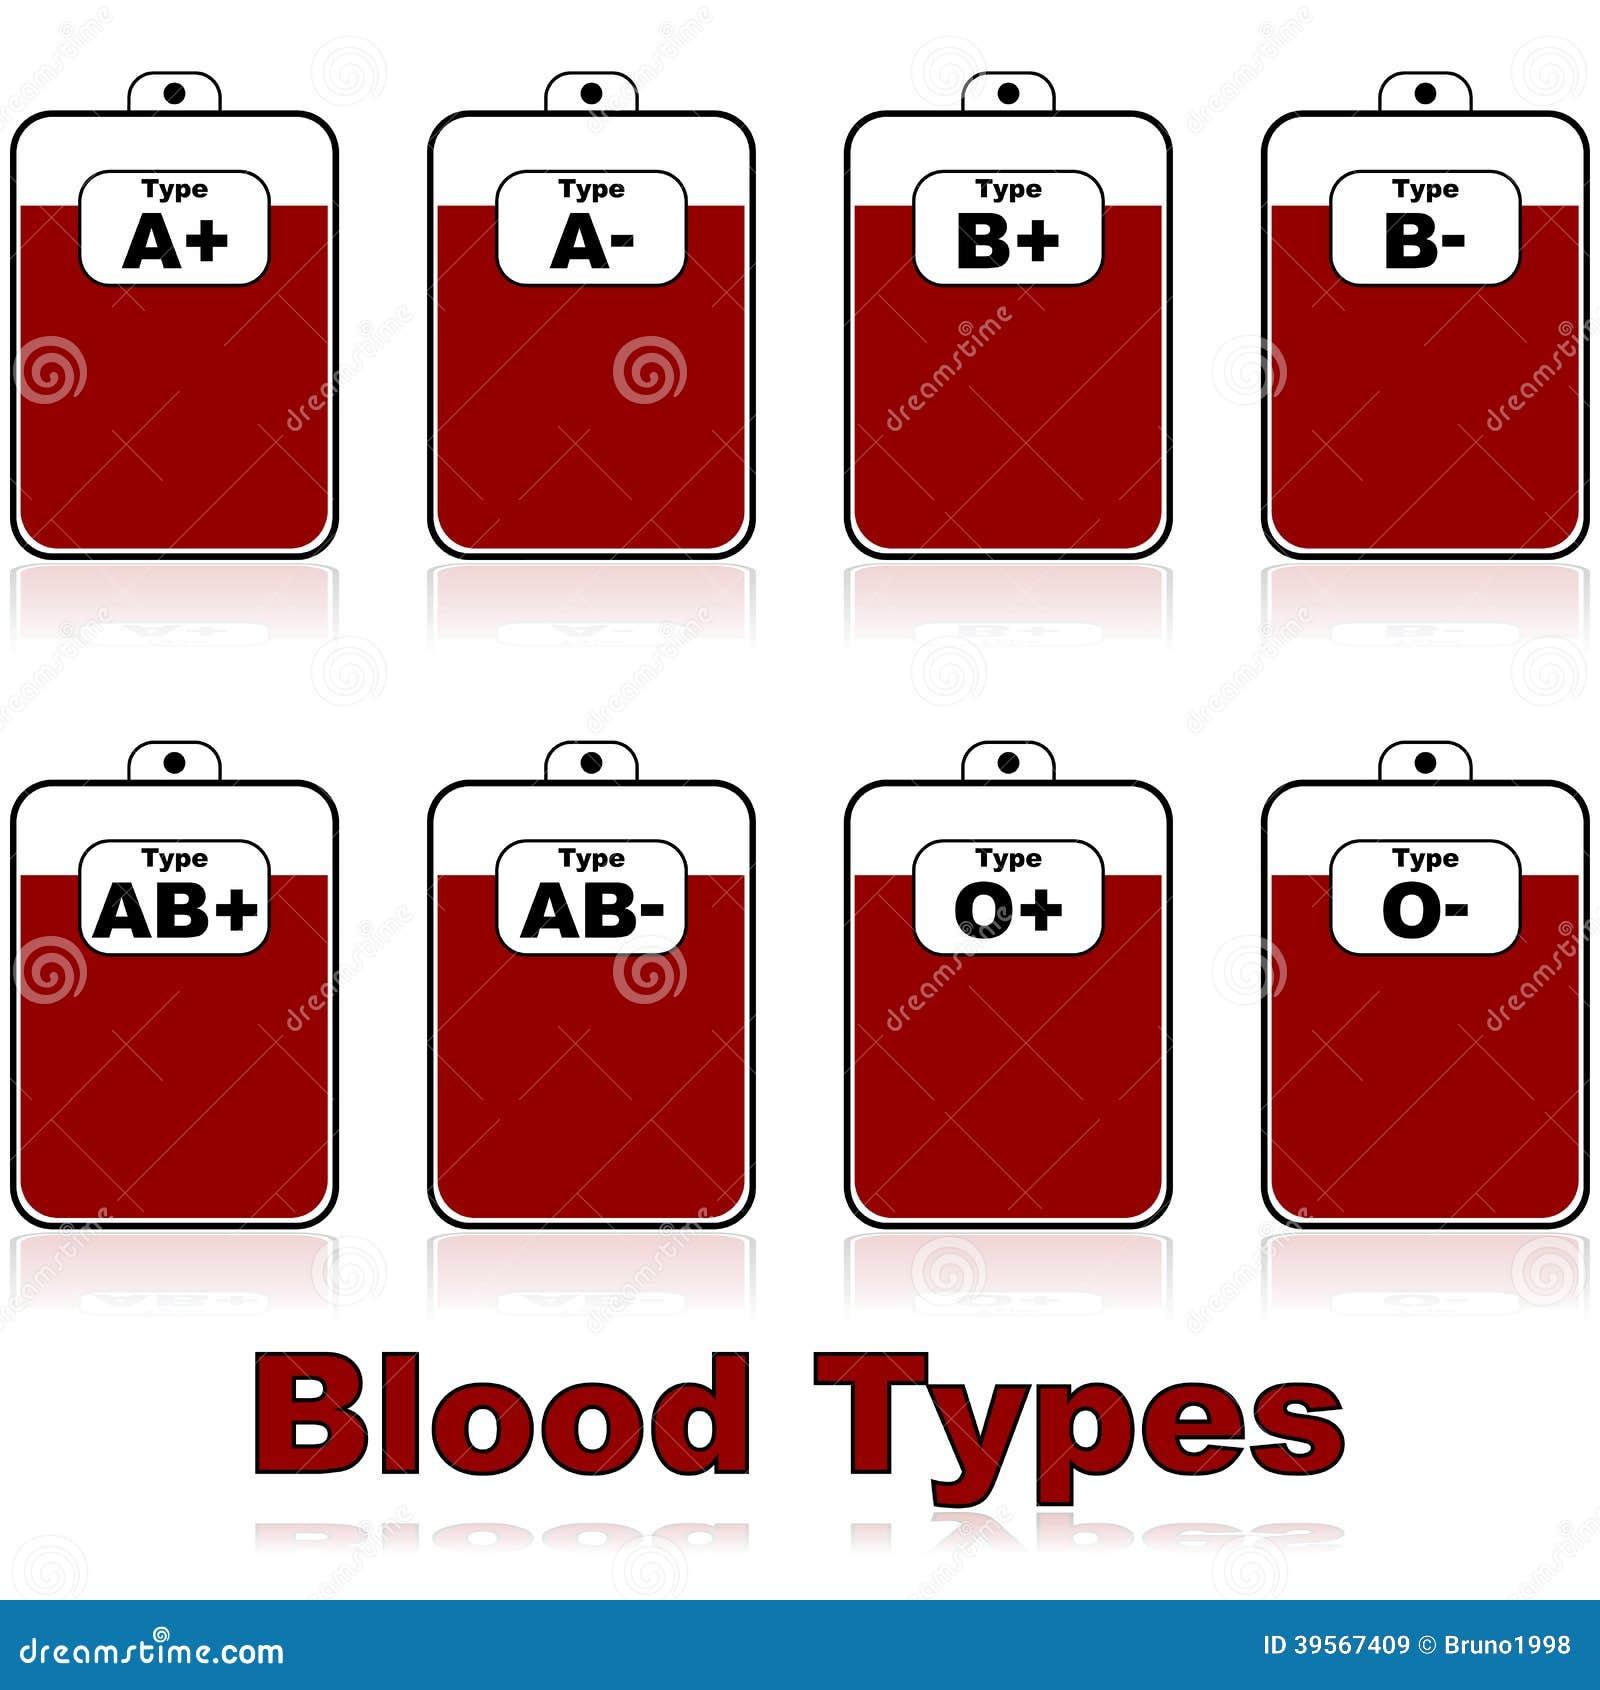 blood bank business plan